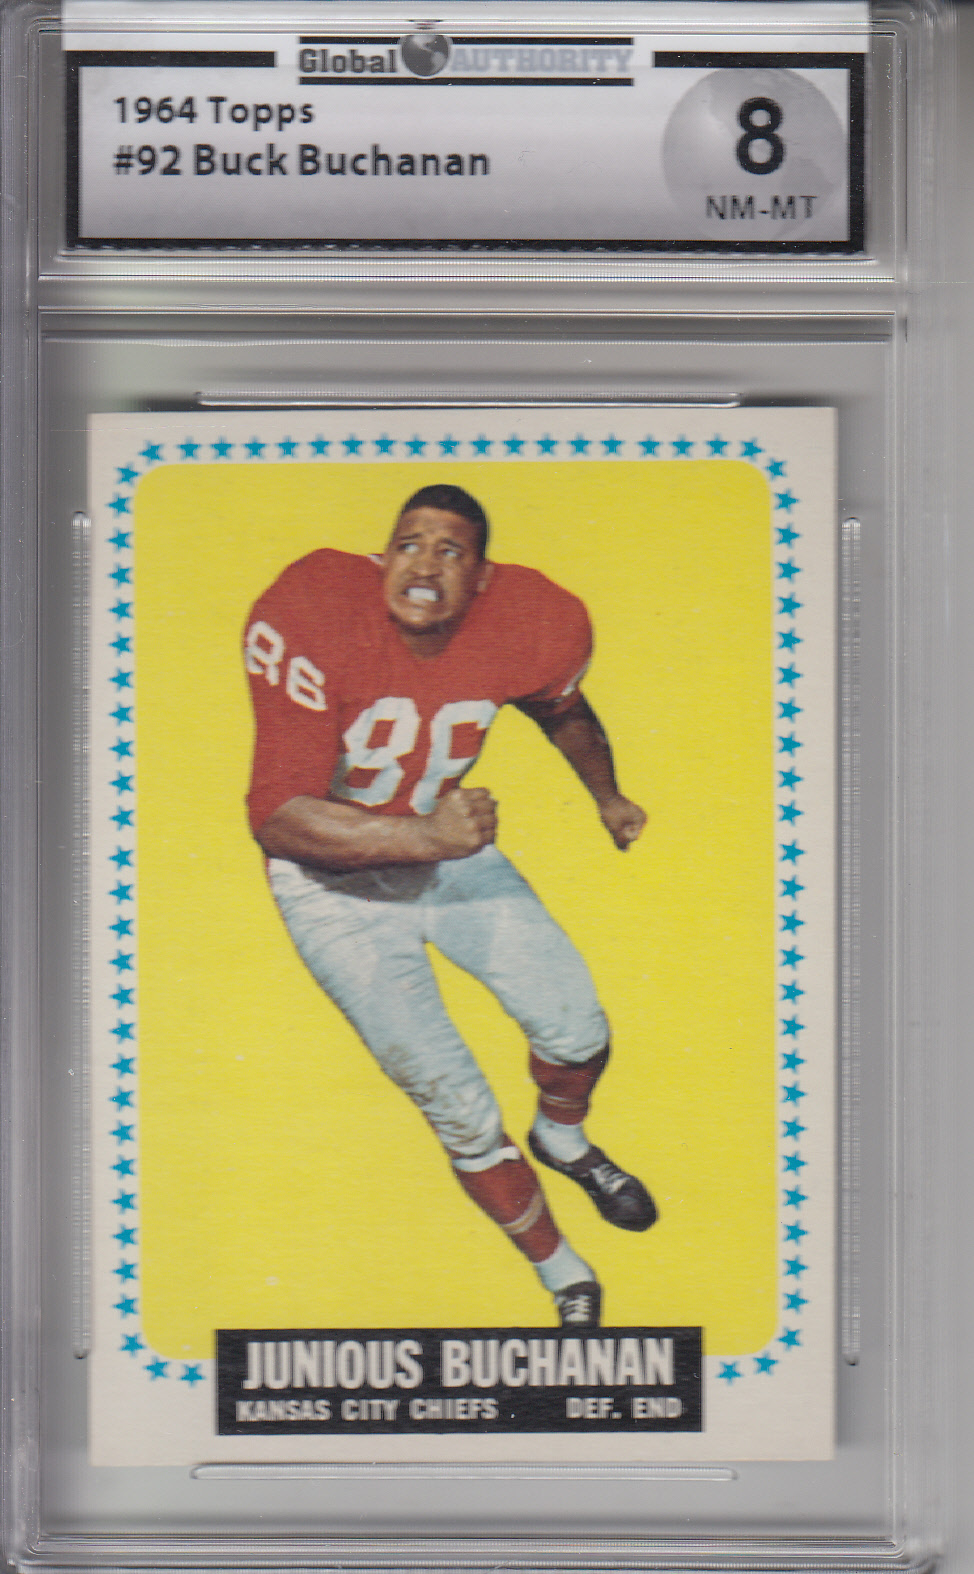 1964 Topps #92 Buck Buchanan CHIEFS GAI 8 NM-MT Z20643